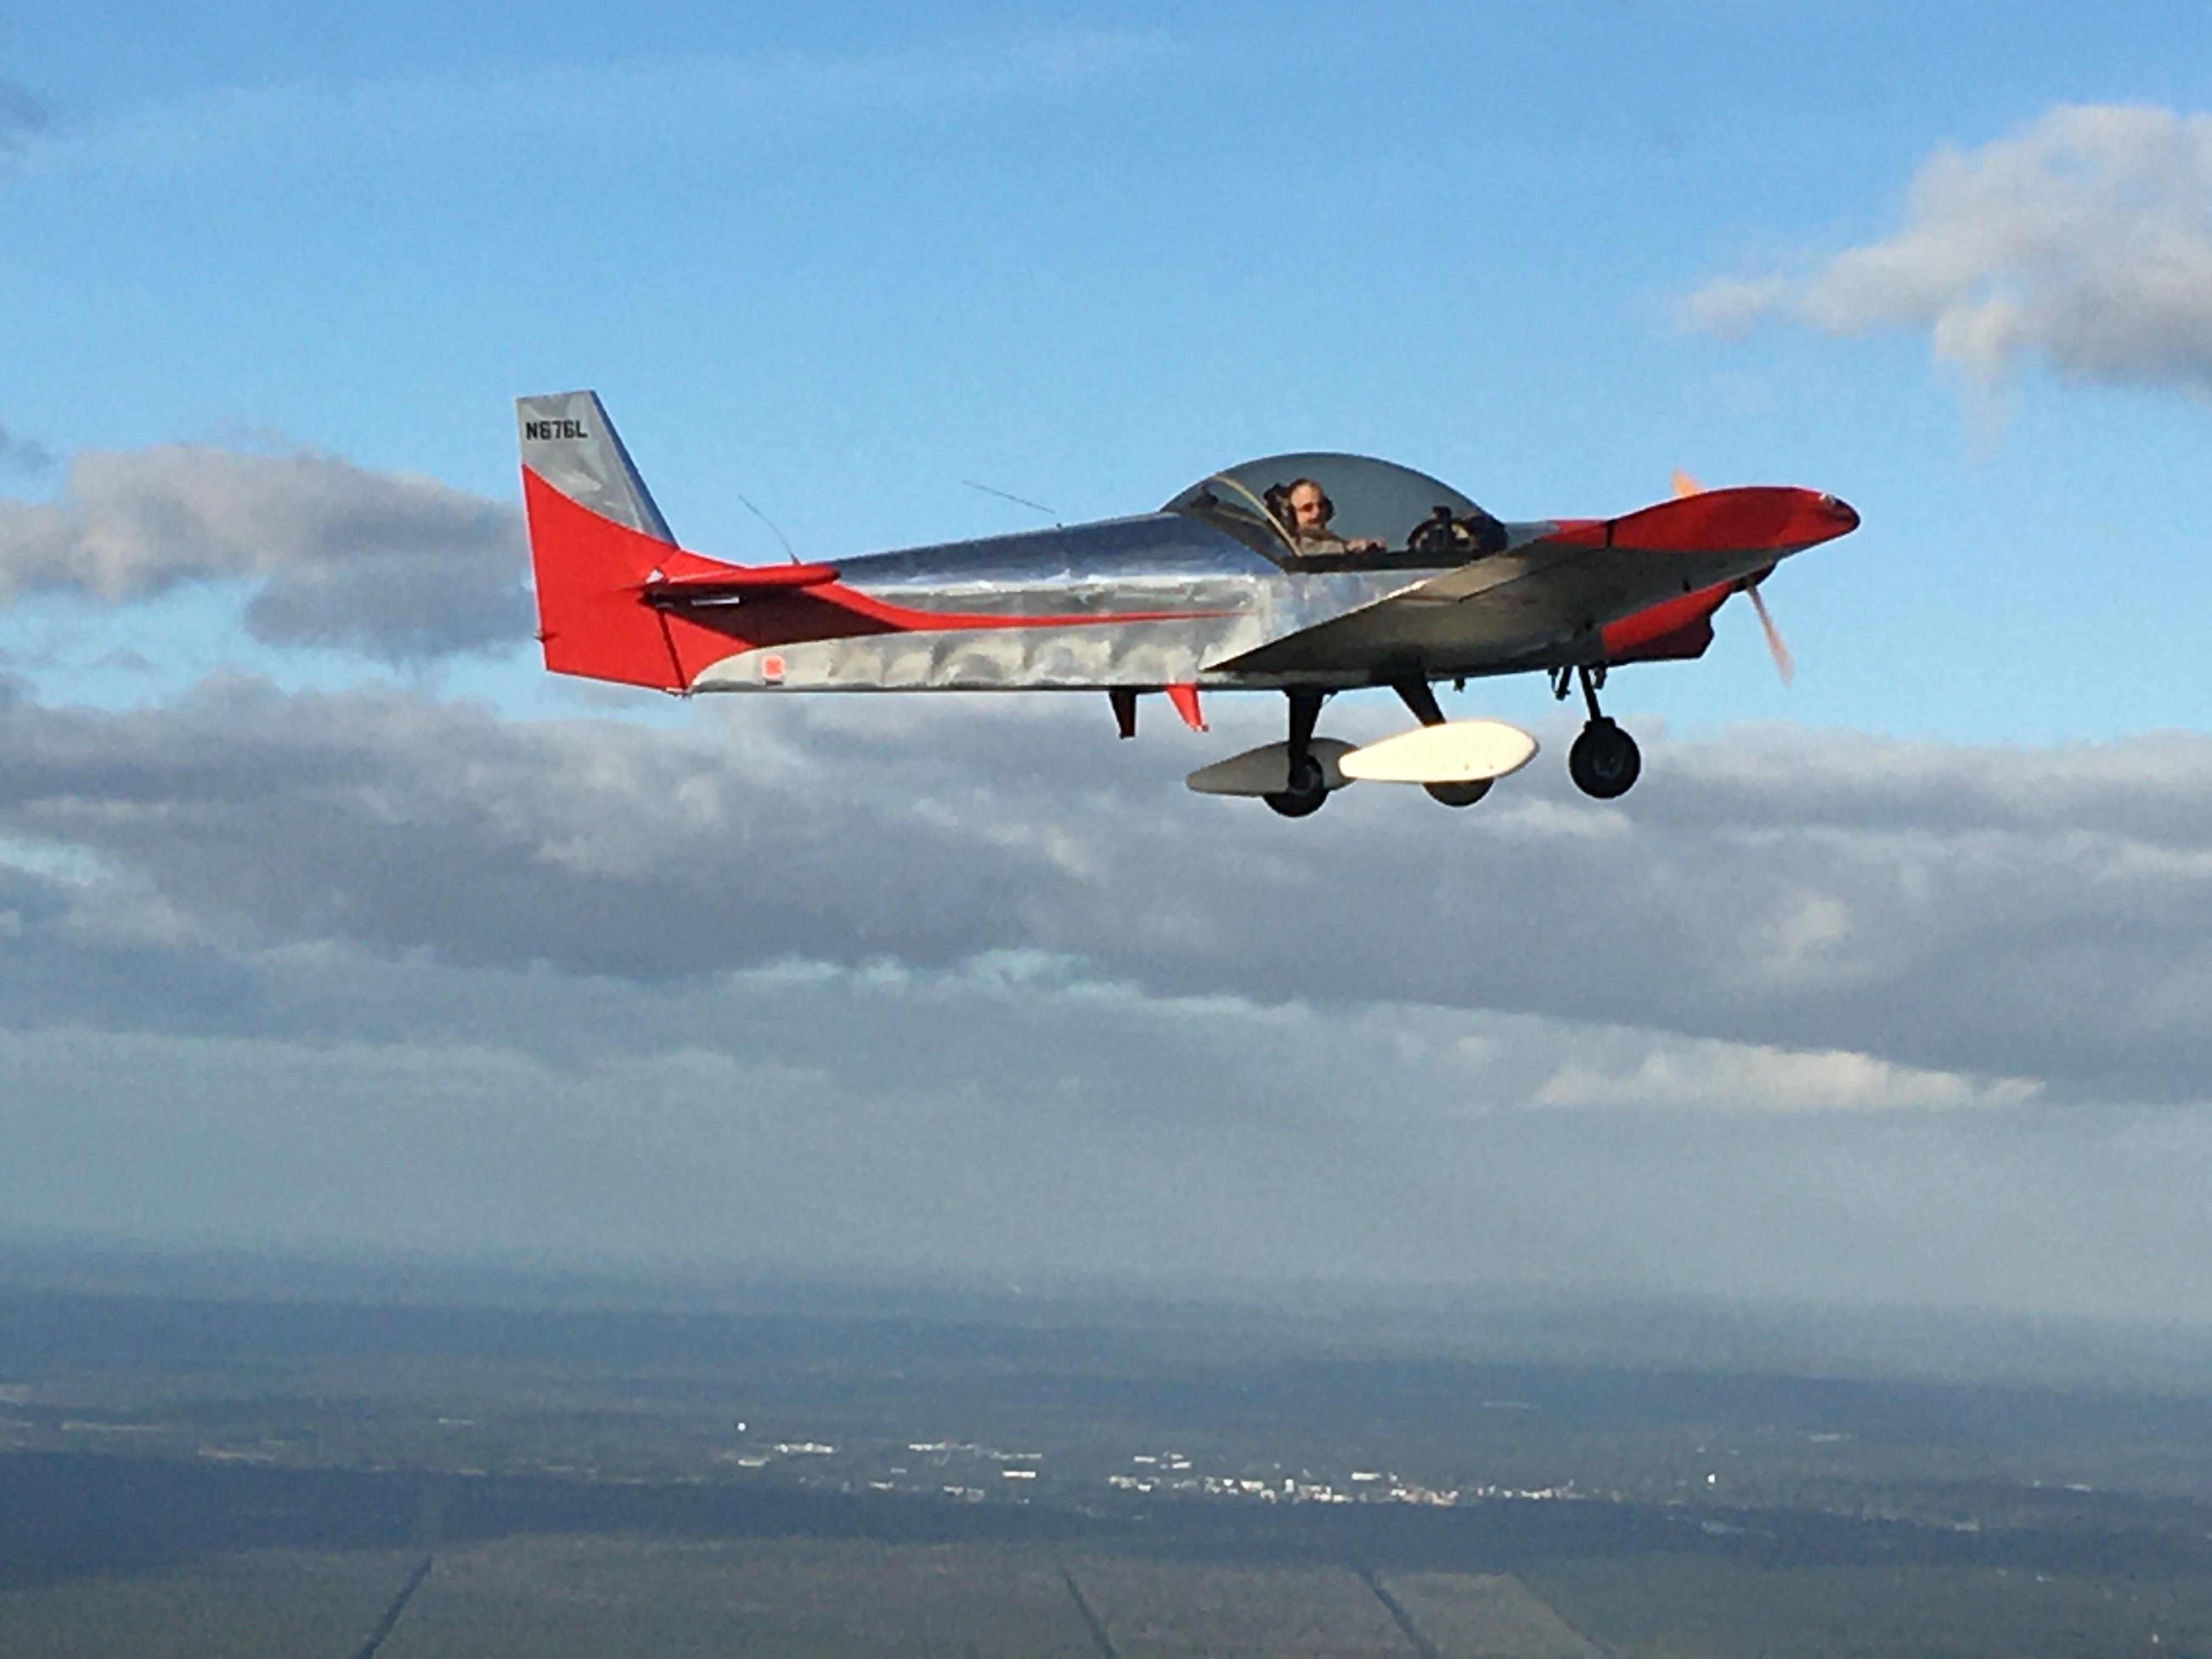 Flight to W75 Fall 2020